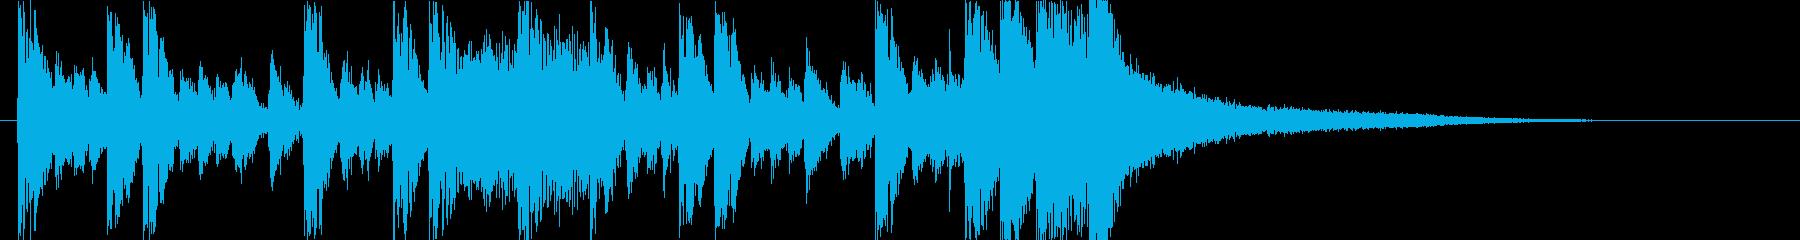 かわいいベルうきうきポップ日常ジングルaの再生済みの波形